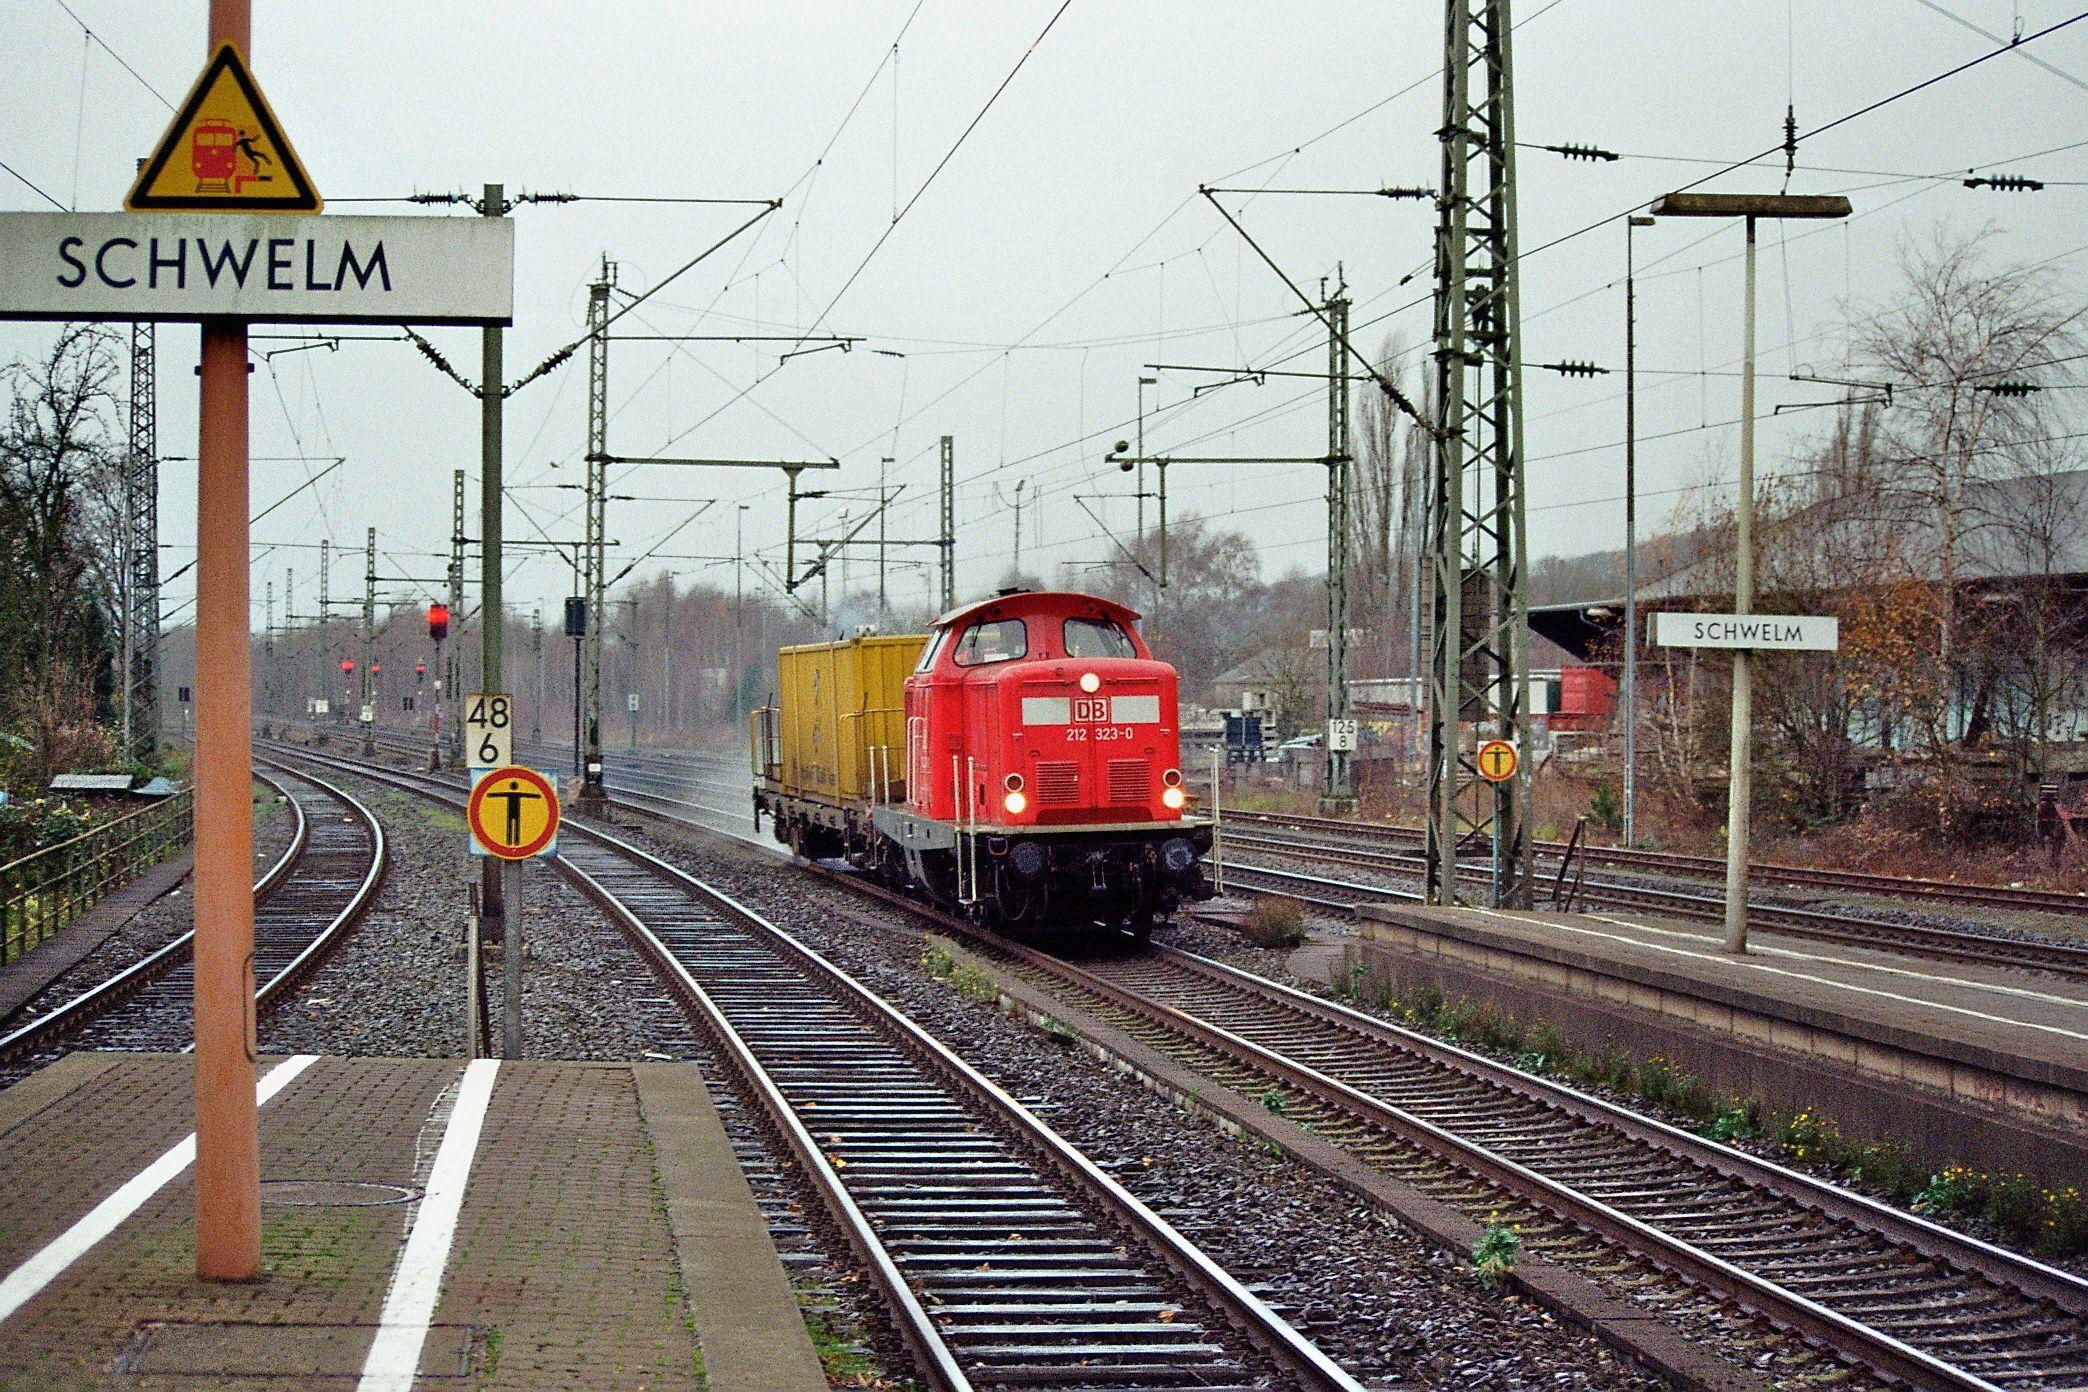 2009.11.24.  Im Herbst kommt es im Bergischen und im Sauerland wegen glatter Schienen oft zu Verspätungen. Dagegen setzt die DB sogenennte Schienenputzzüge ein . Hier ist 212-323 aus Wuppertal kommend in Schwelm zu sehen